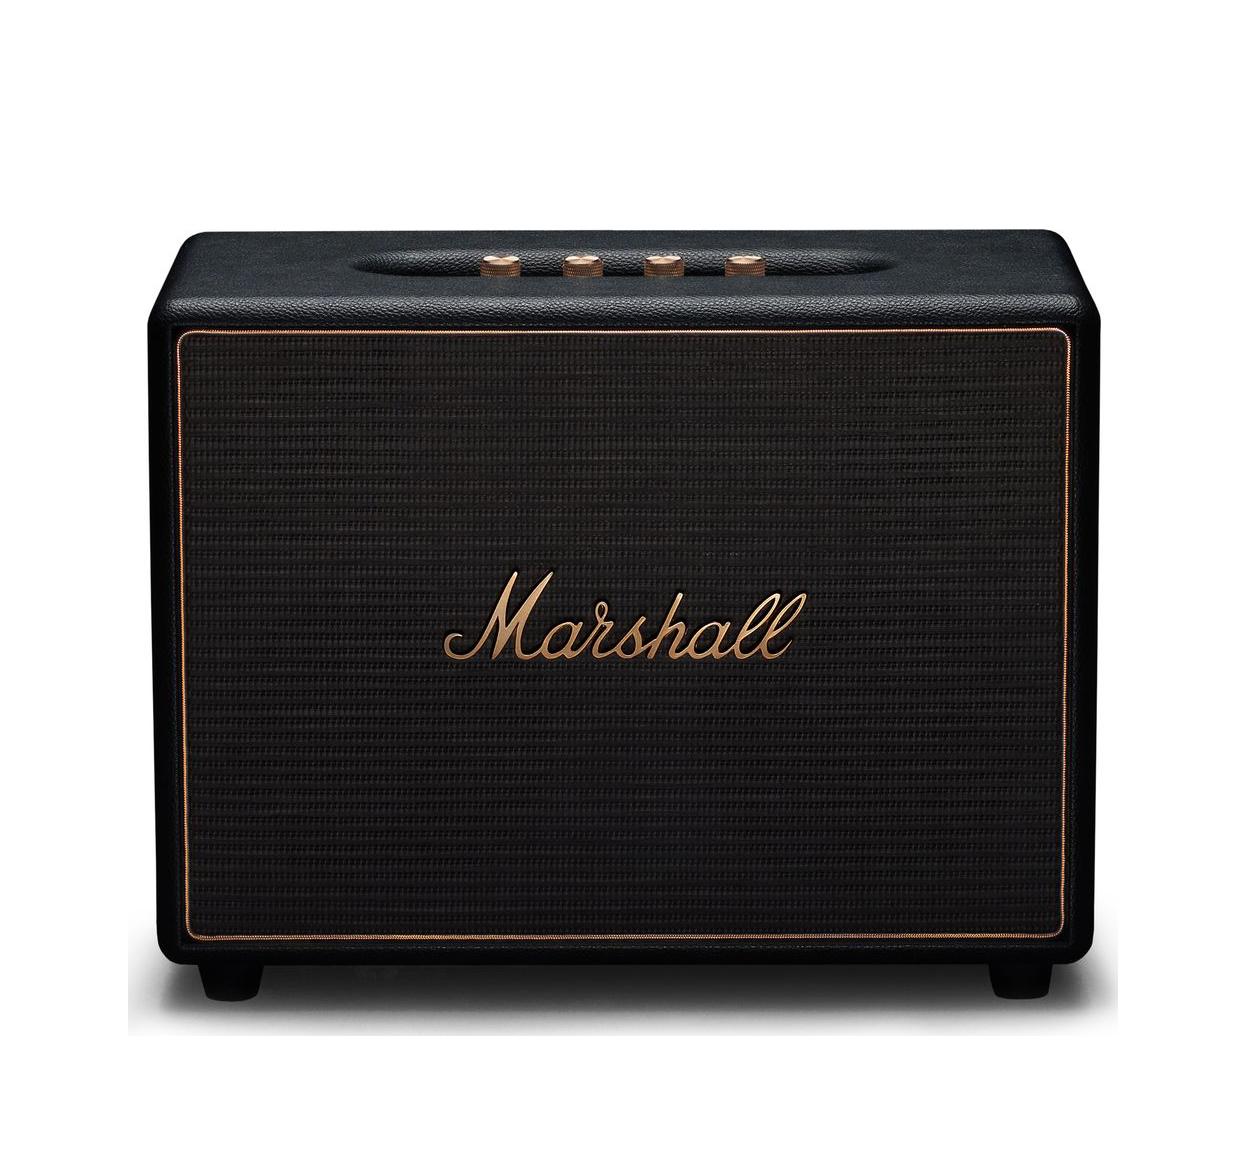 Marshall Woburn Multi-Room Ηχείο Black Πληρωμή έως 24 δόσεις